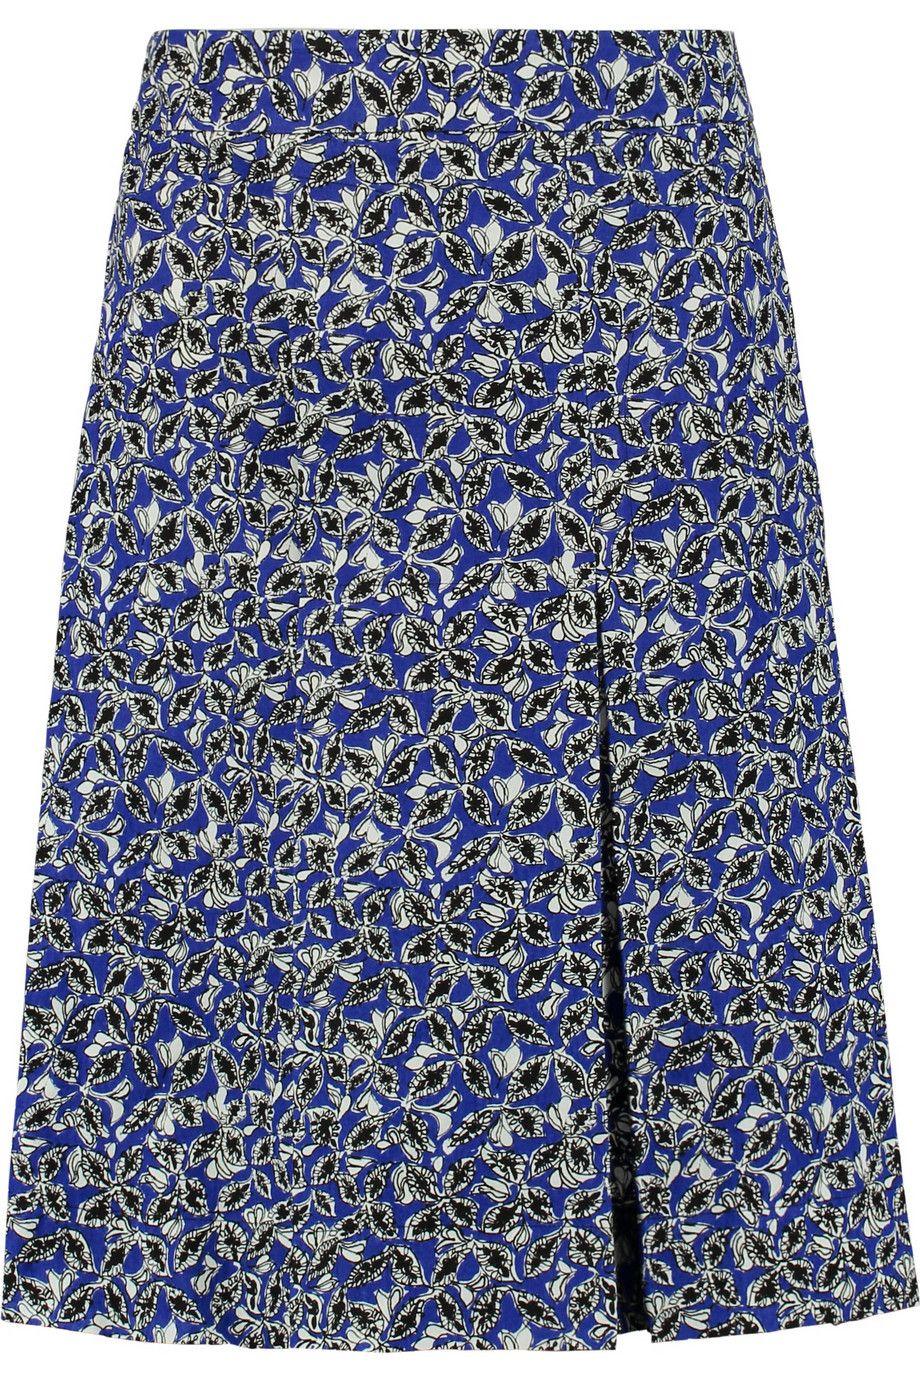 b74b2b4ee0a MARNI Printed Linen-Blend Skirt.  marni  cloth  skirt